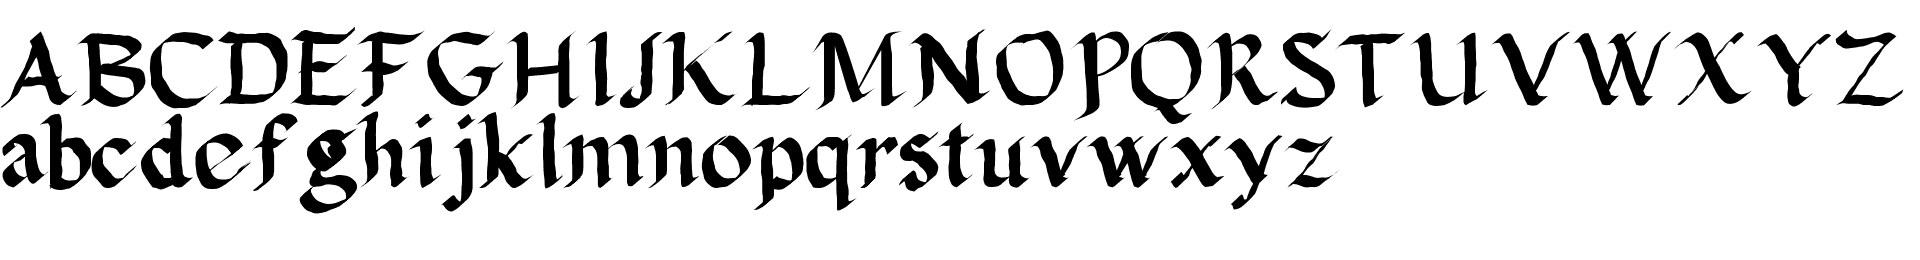 Calligraphy New